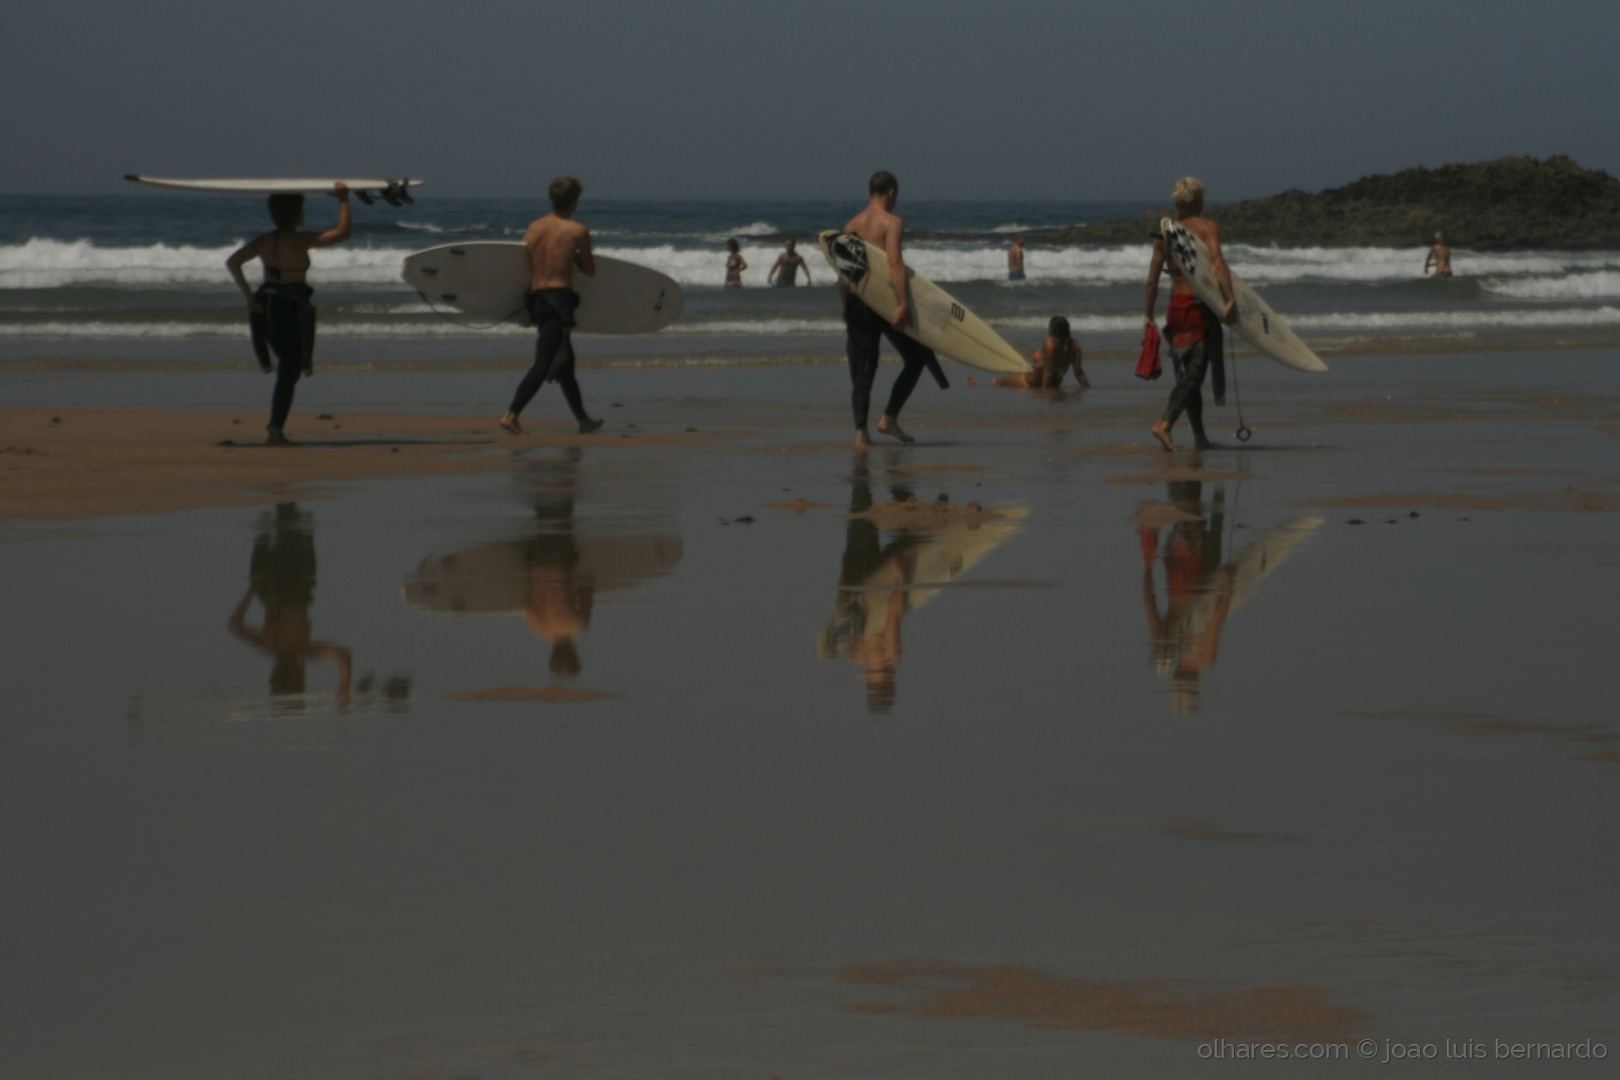 Desporto e Ação/surfers